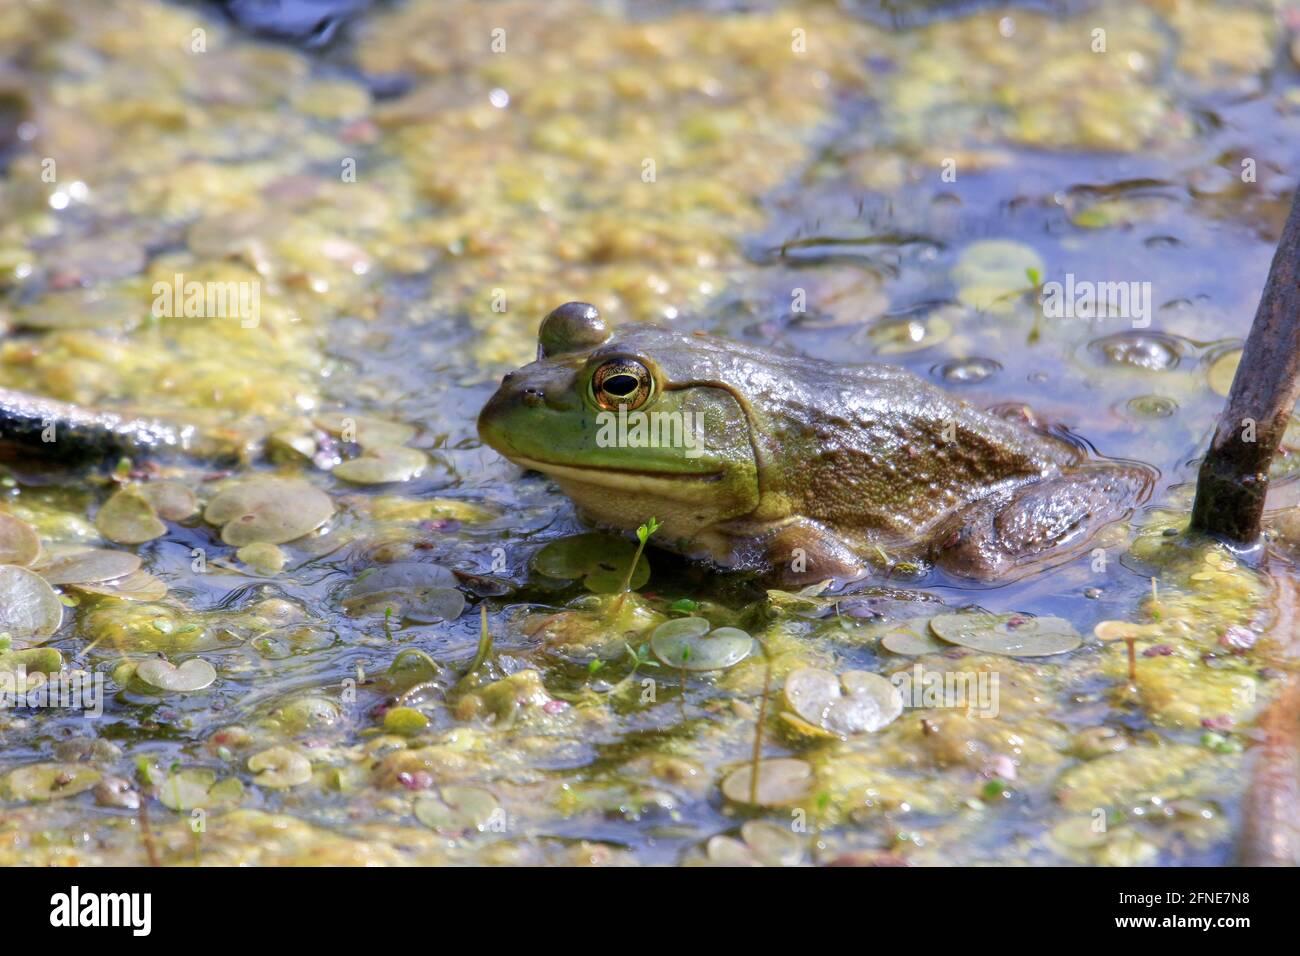 Lithobates catesbeianus - una serie de fotos que muestran lo impresionante el basking anfibio Foto de stock